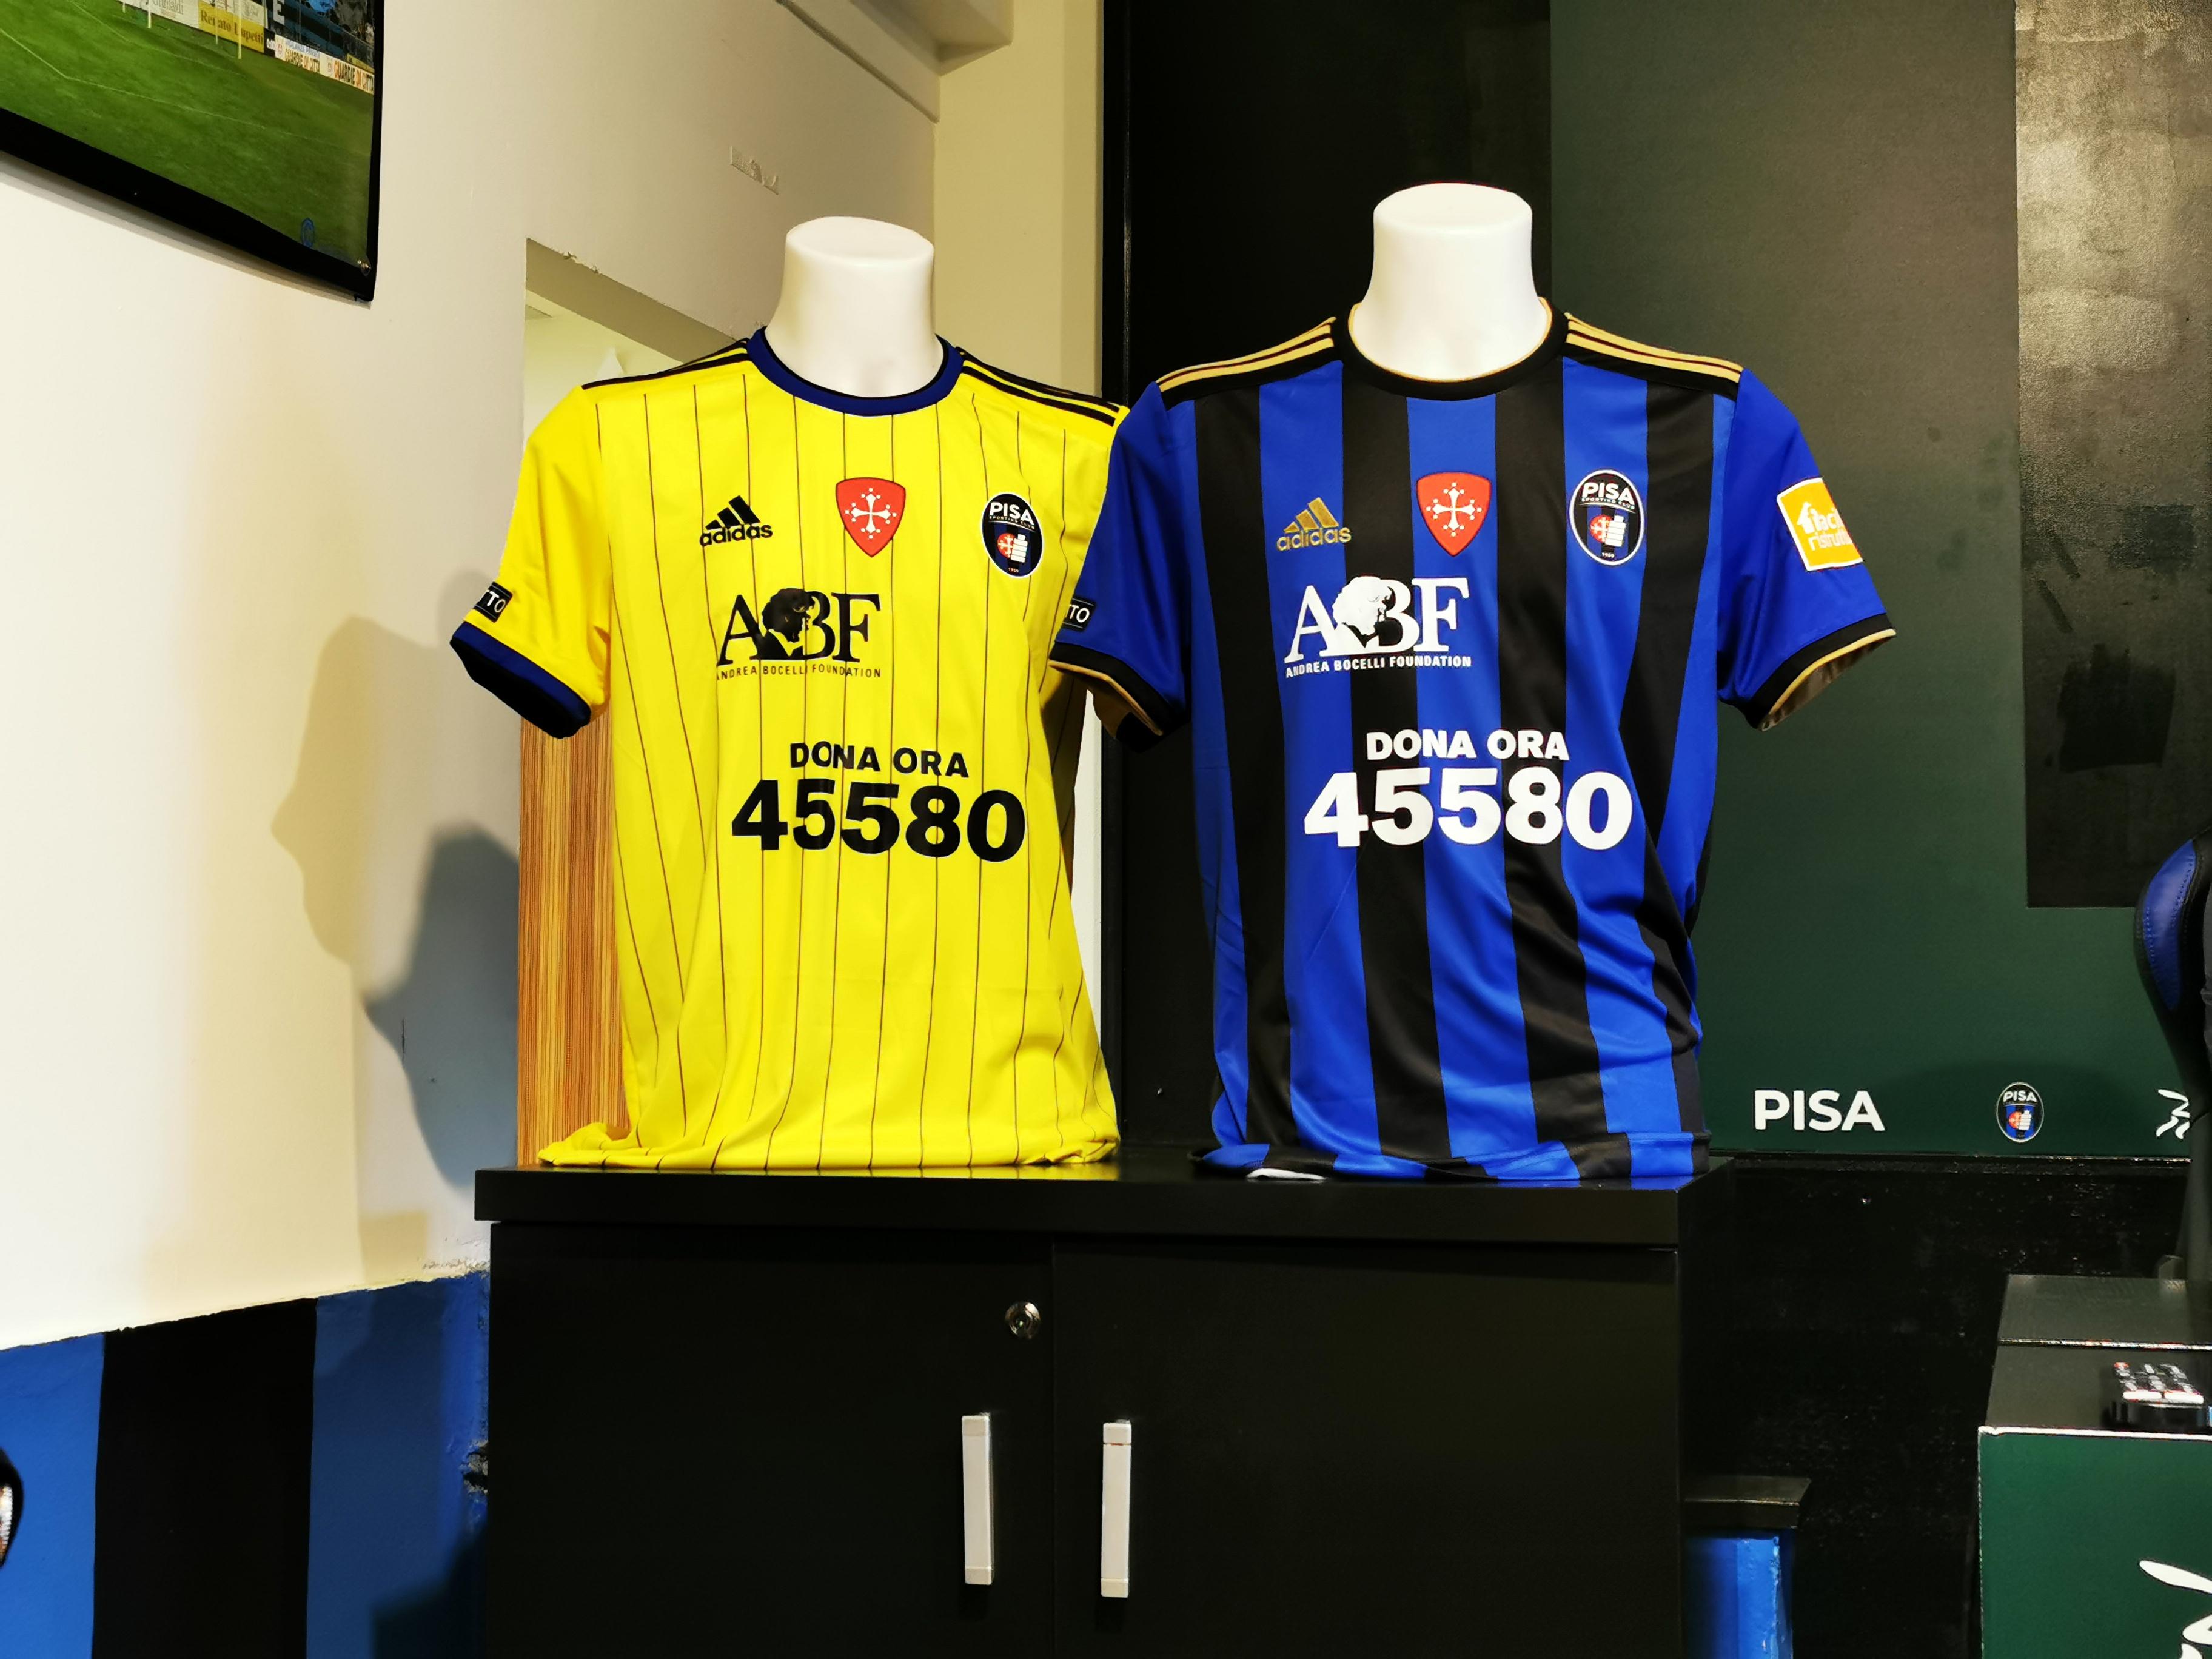 pisa sporting club e andrea bocelli foundation 15-21 settembre 2019